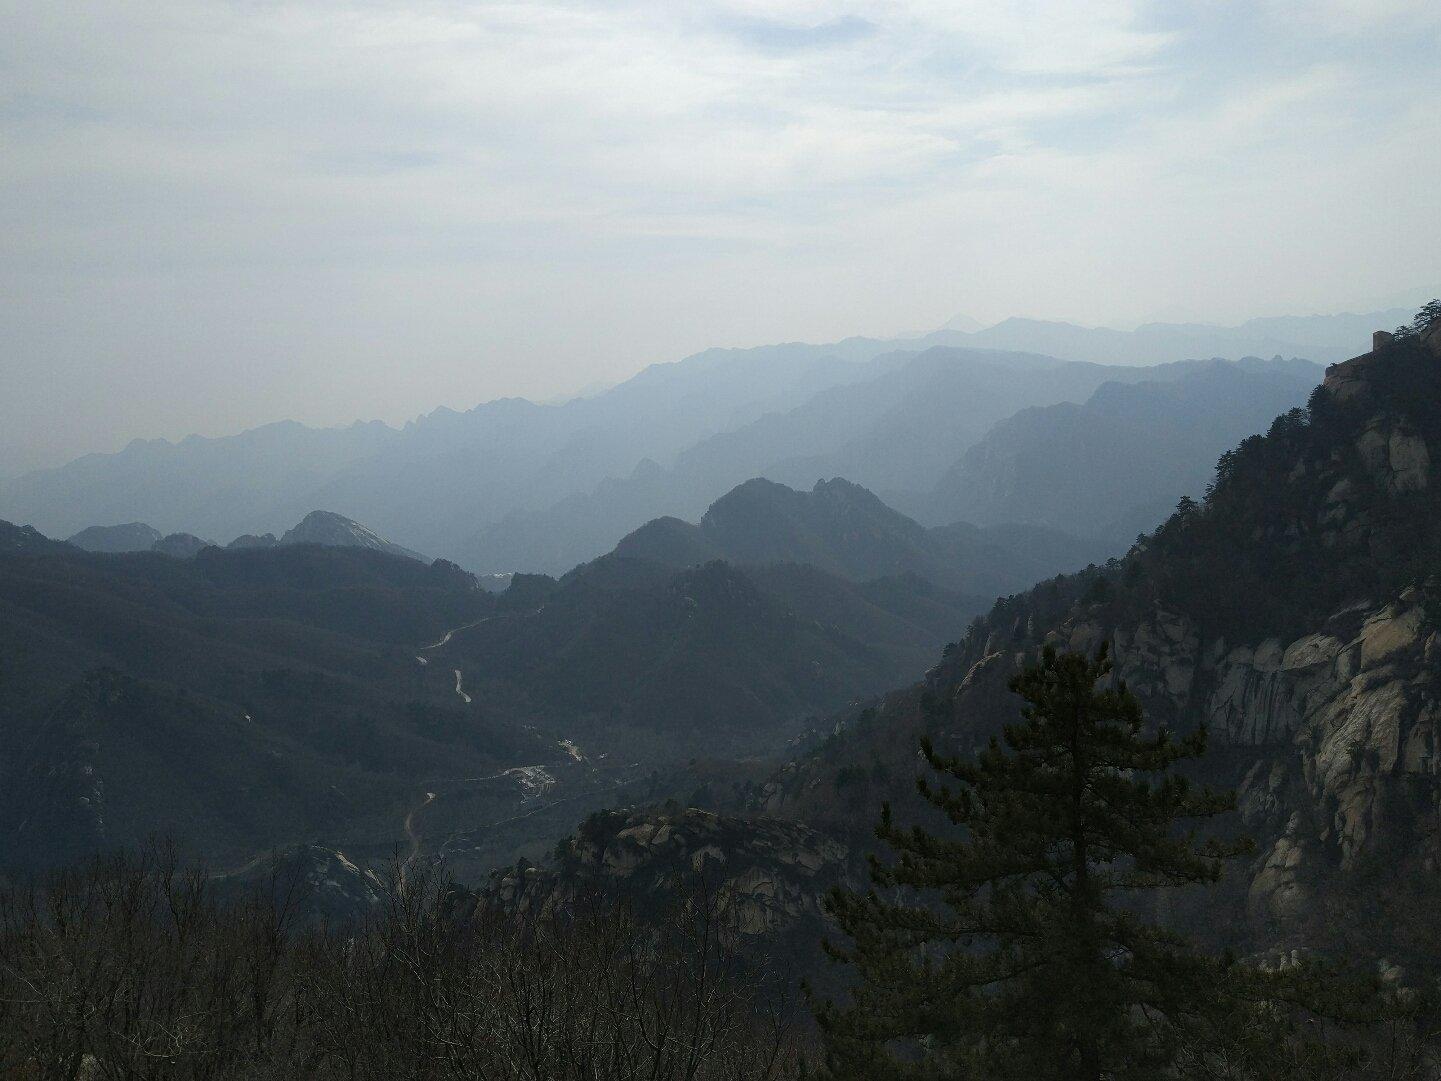 北京市密云区柳树底下云蒙山国家森林公园天气预报